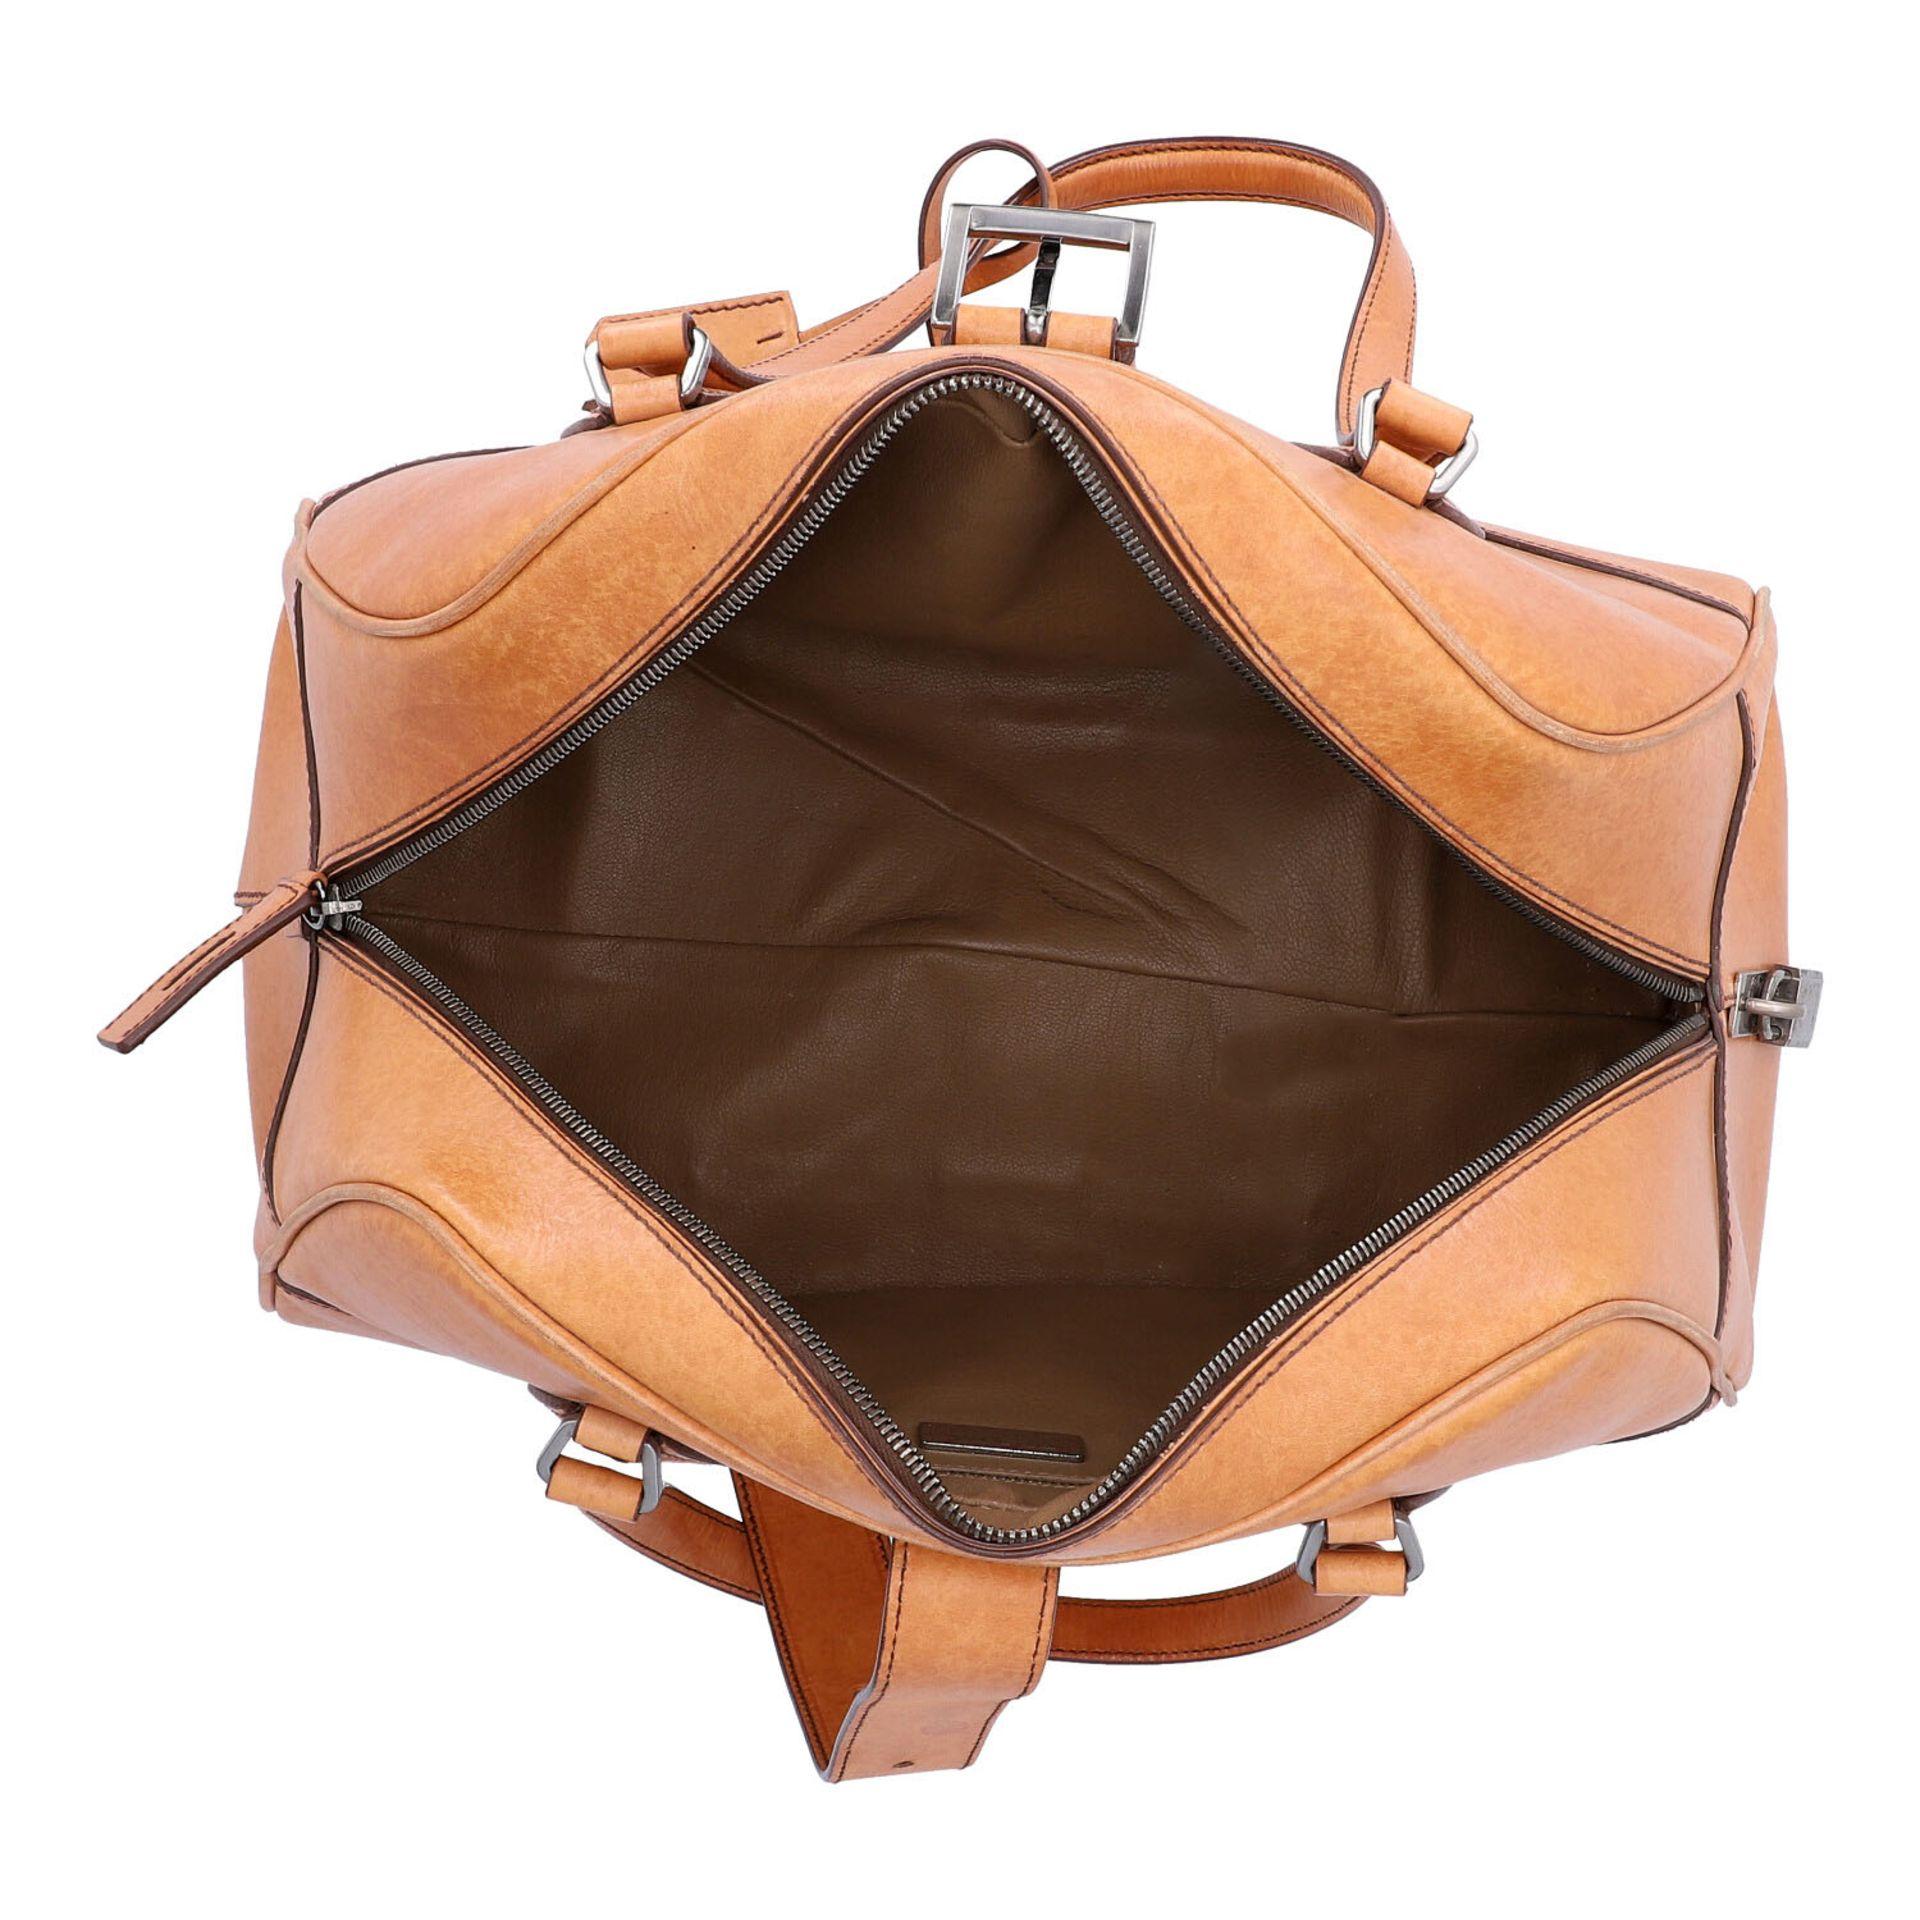 PRADA Handtasche. Glattleder in Beige mit silberfarbener Hardware, stabiles Modell mit - Image 6 of 8